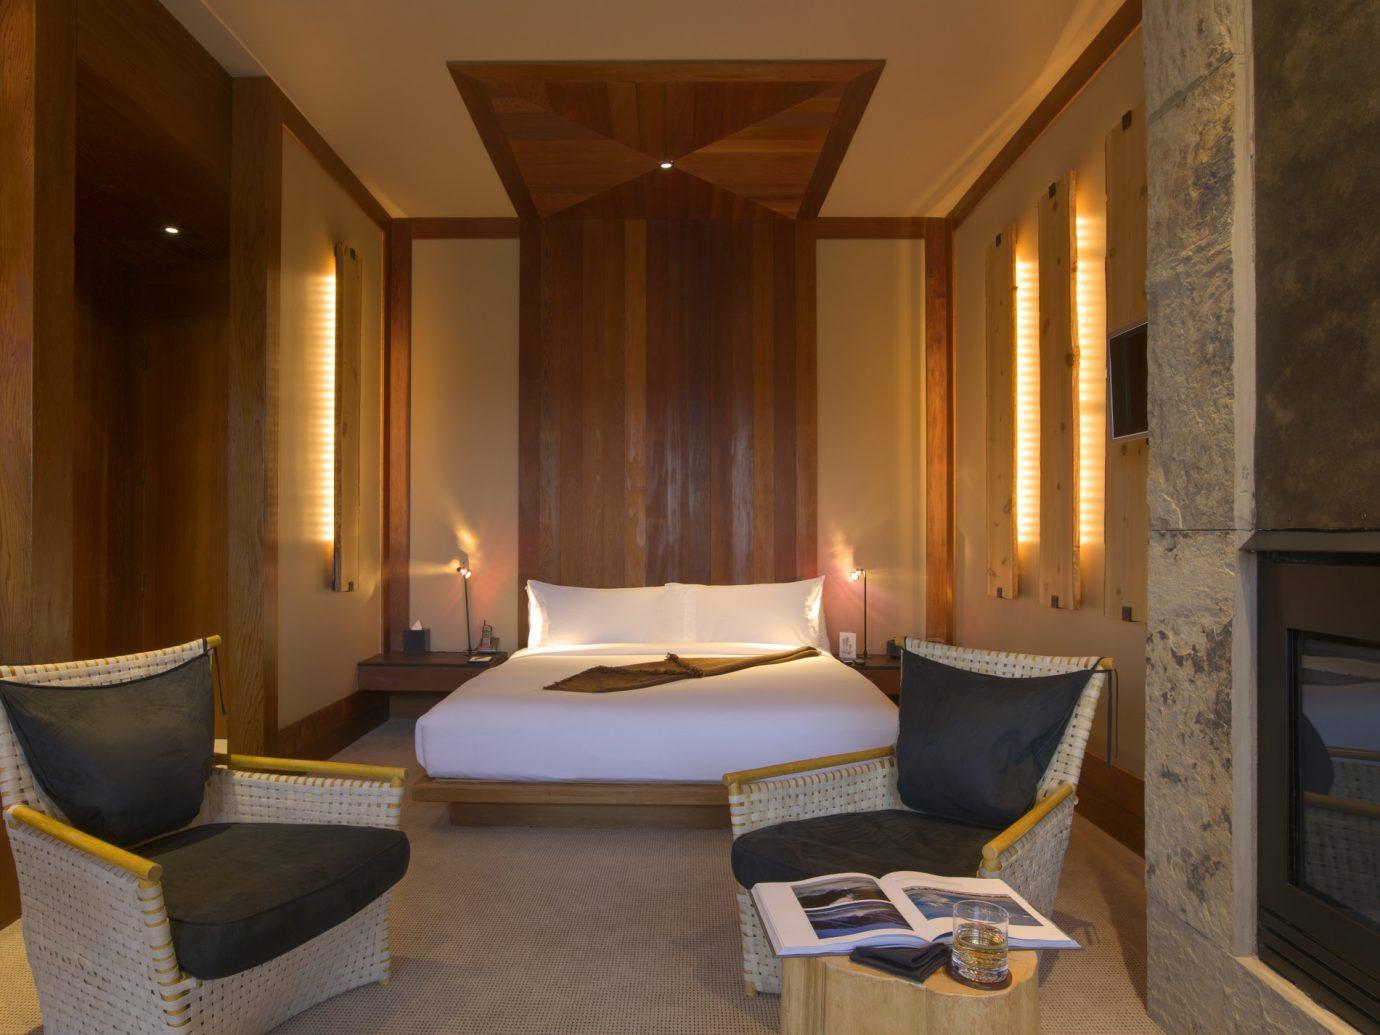 Bedroom at Amangiri